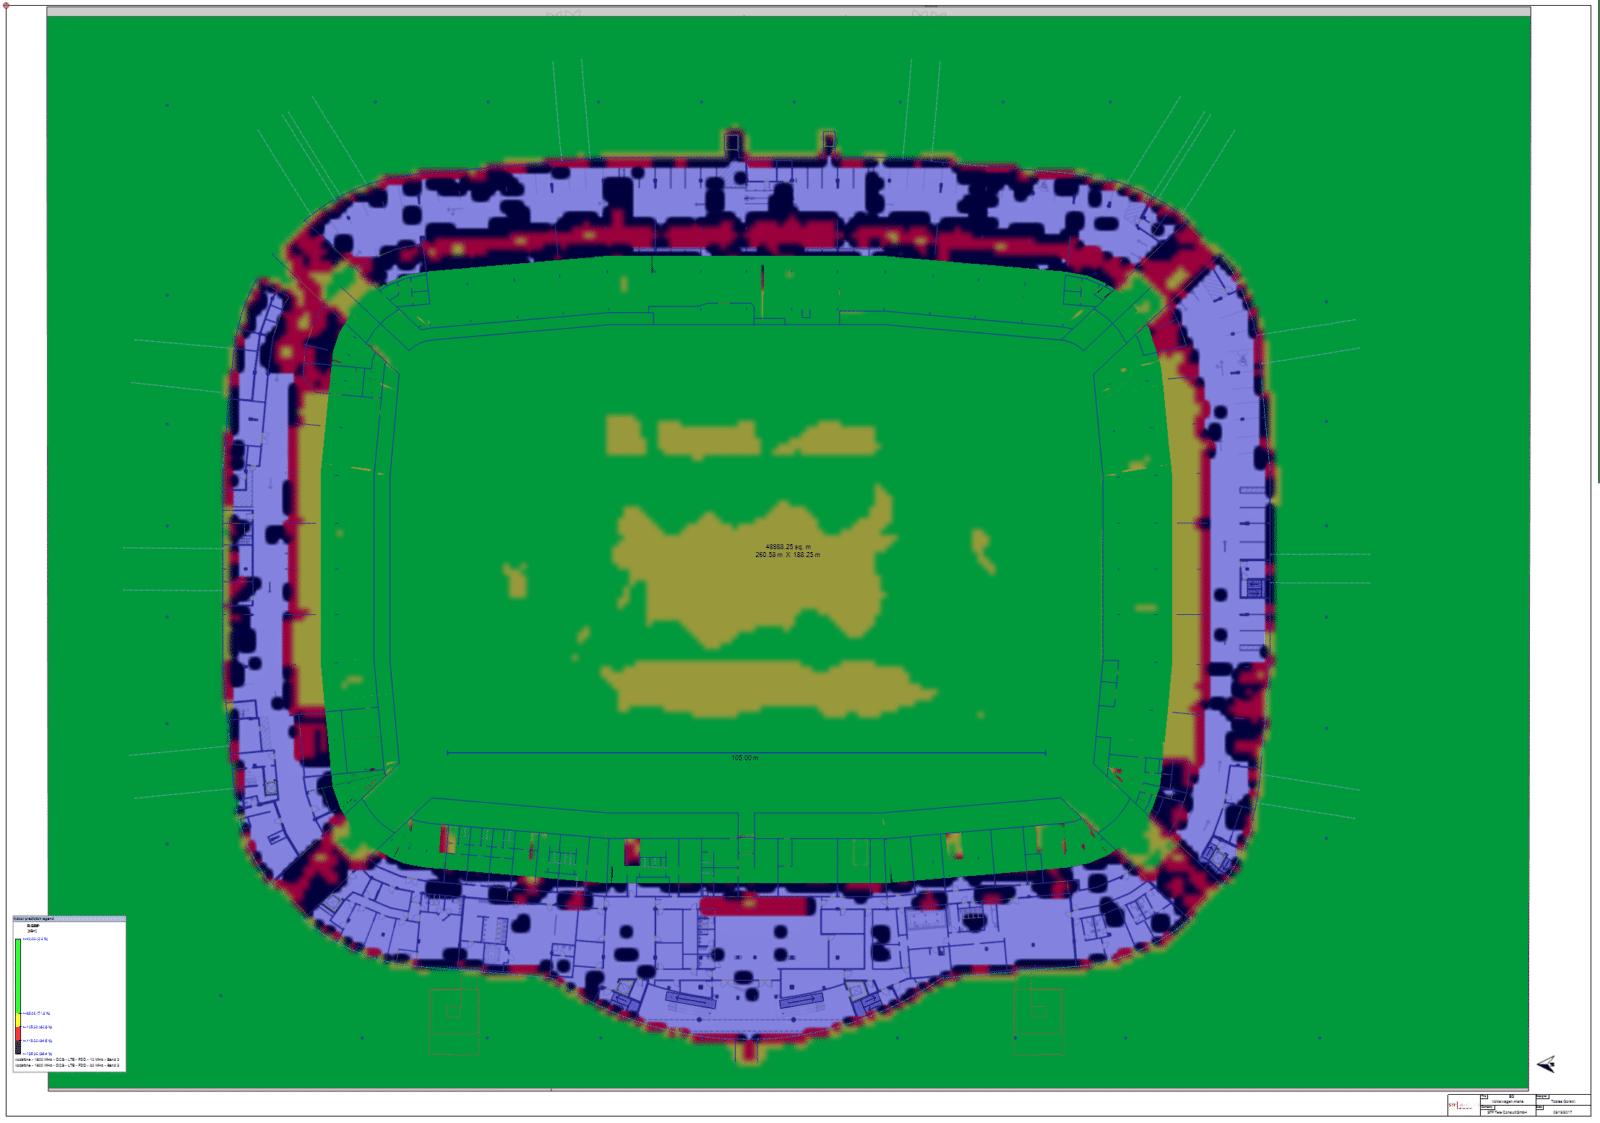 Projektbeispiel (2/2): Fußballstadion der 1. Fußball-Bundesliga – Kapazitätenplanung, Prädiktion für LTE 1800 erstellt mit iBwave durch STF Gruppe